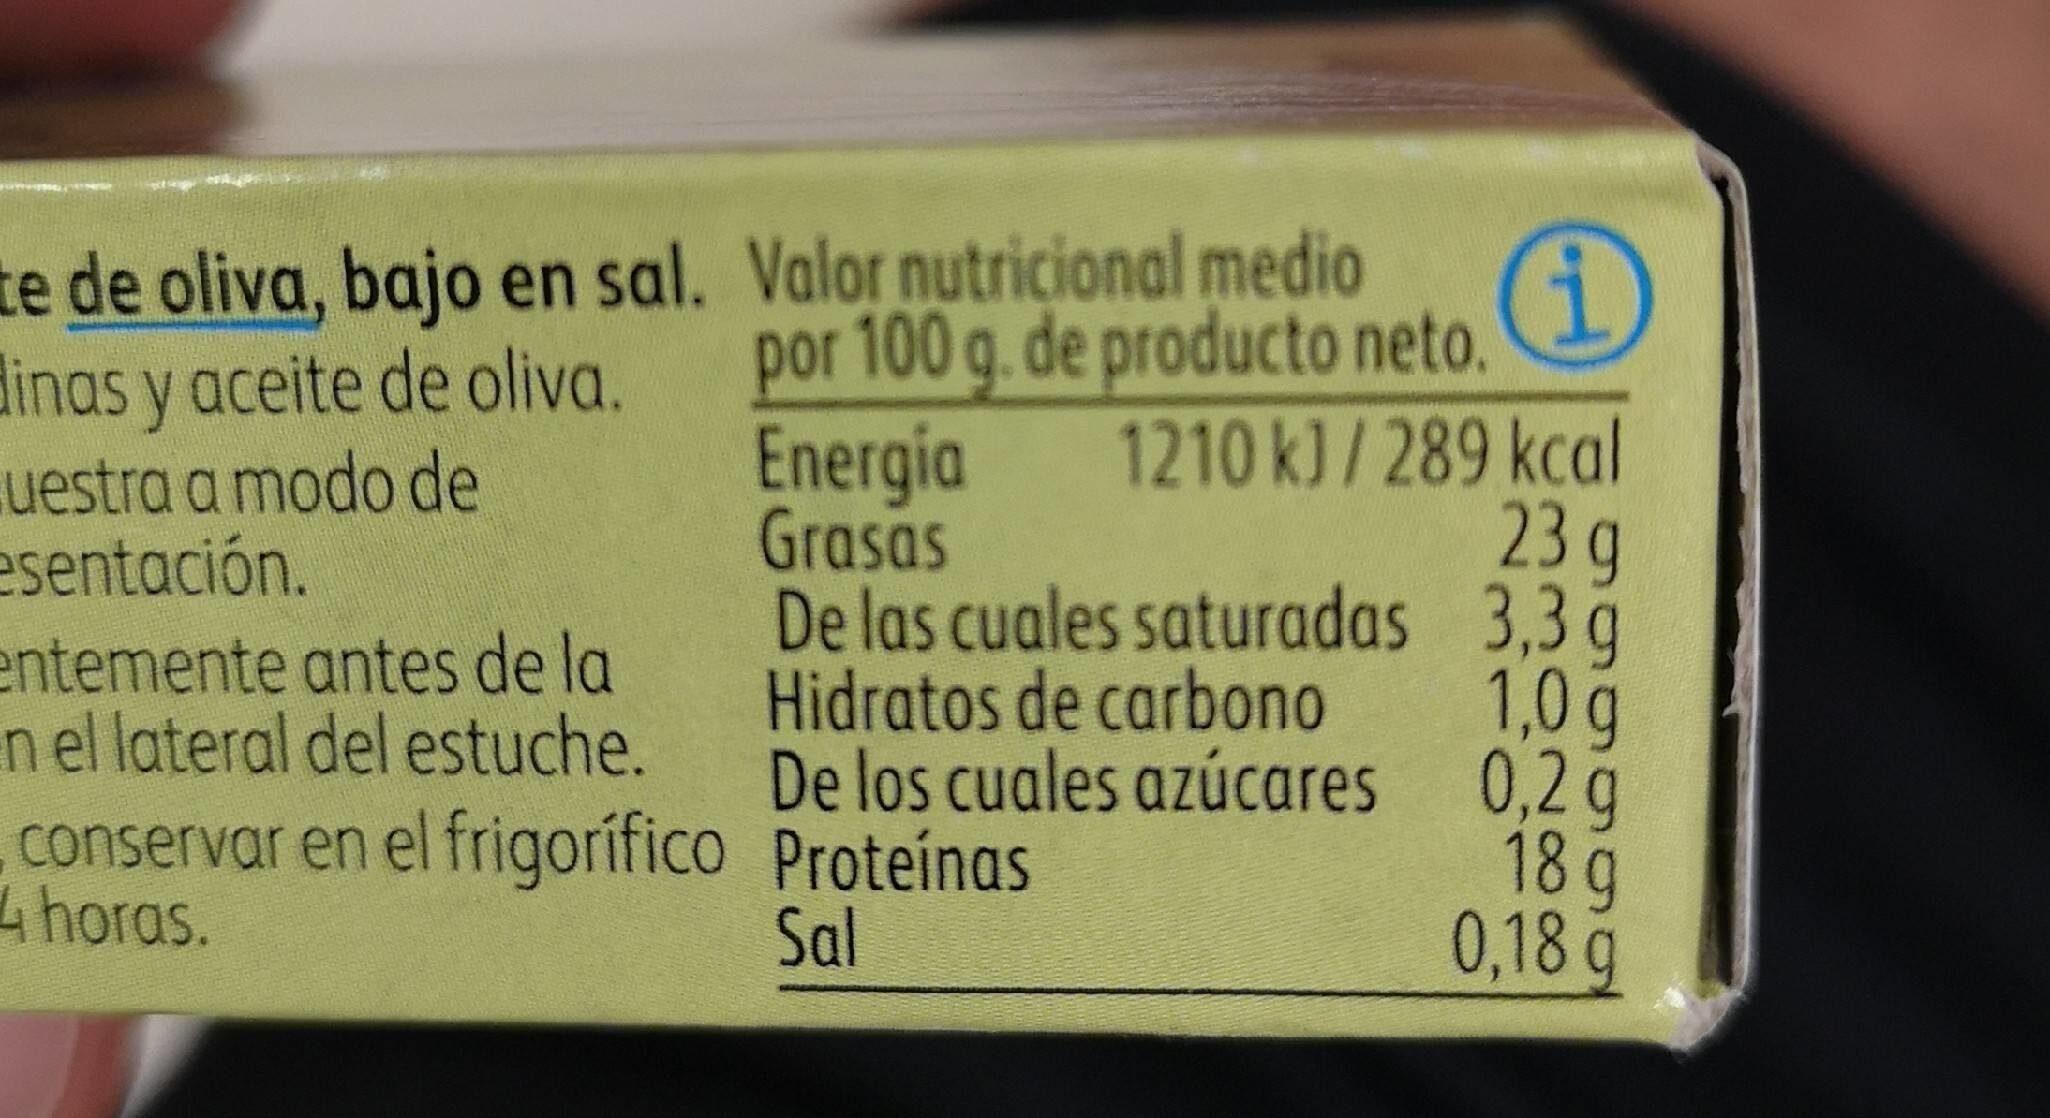 Sardinillas aceite de oliva bajas sal - Informació nutricional